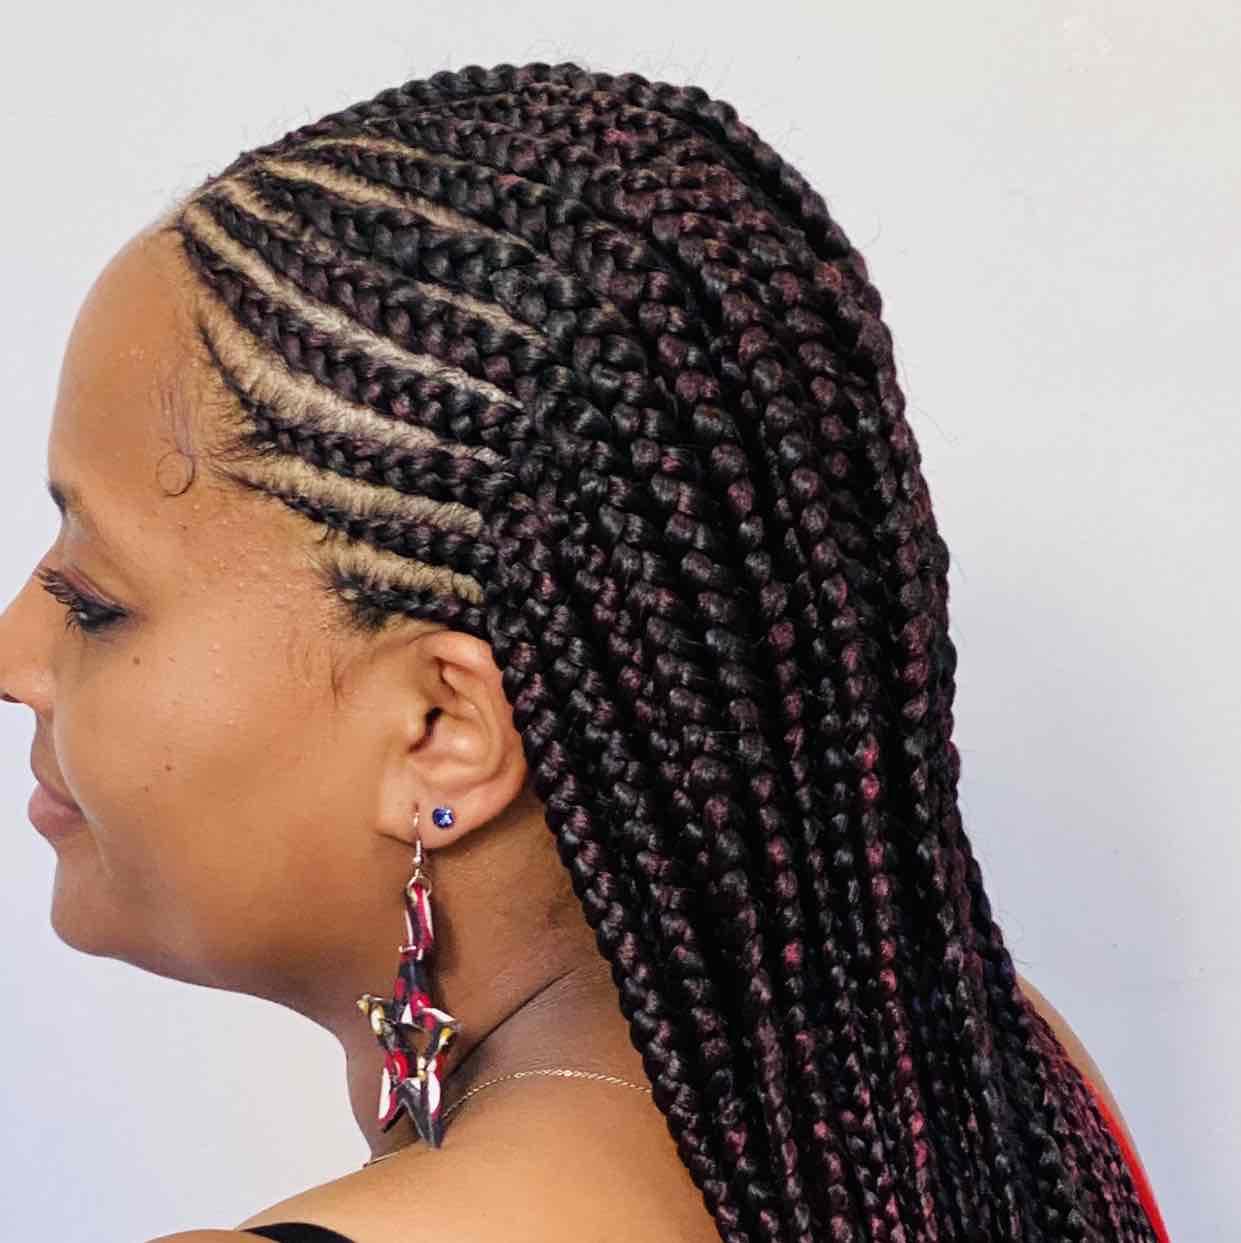 salon de coiffure afro tresse tresses box braids crochet braids vanilles tissages paris 75 77 78 91 92 93 94 95 DRPUYJAJ